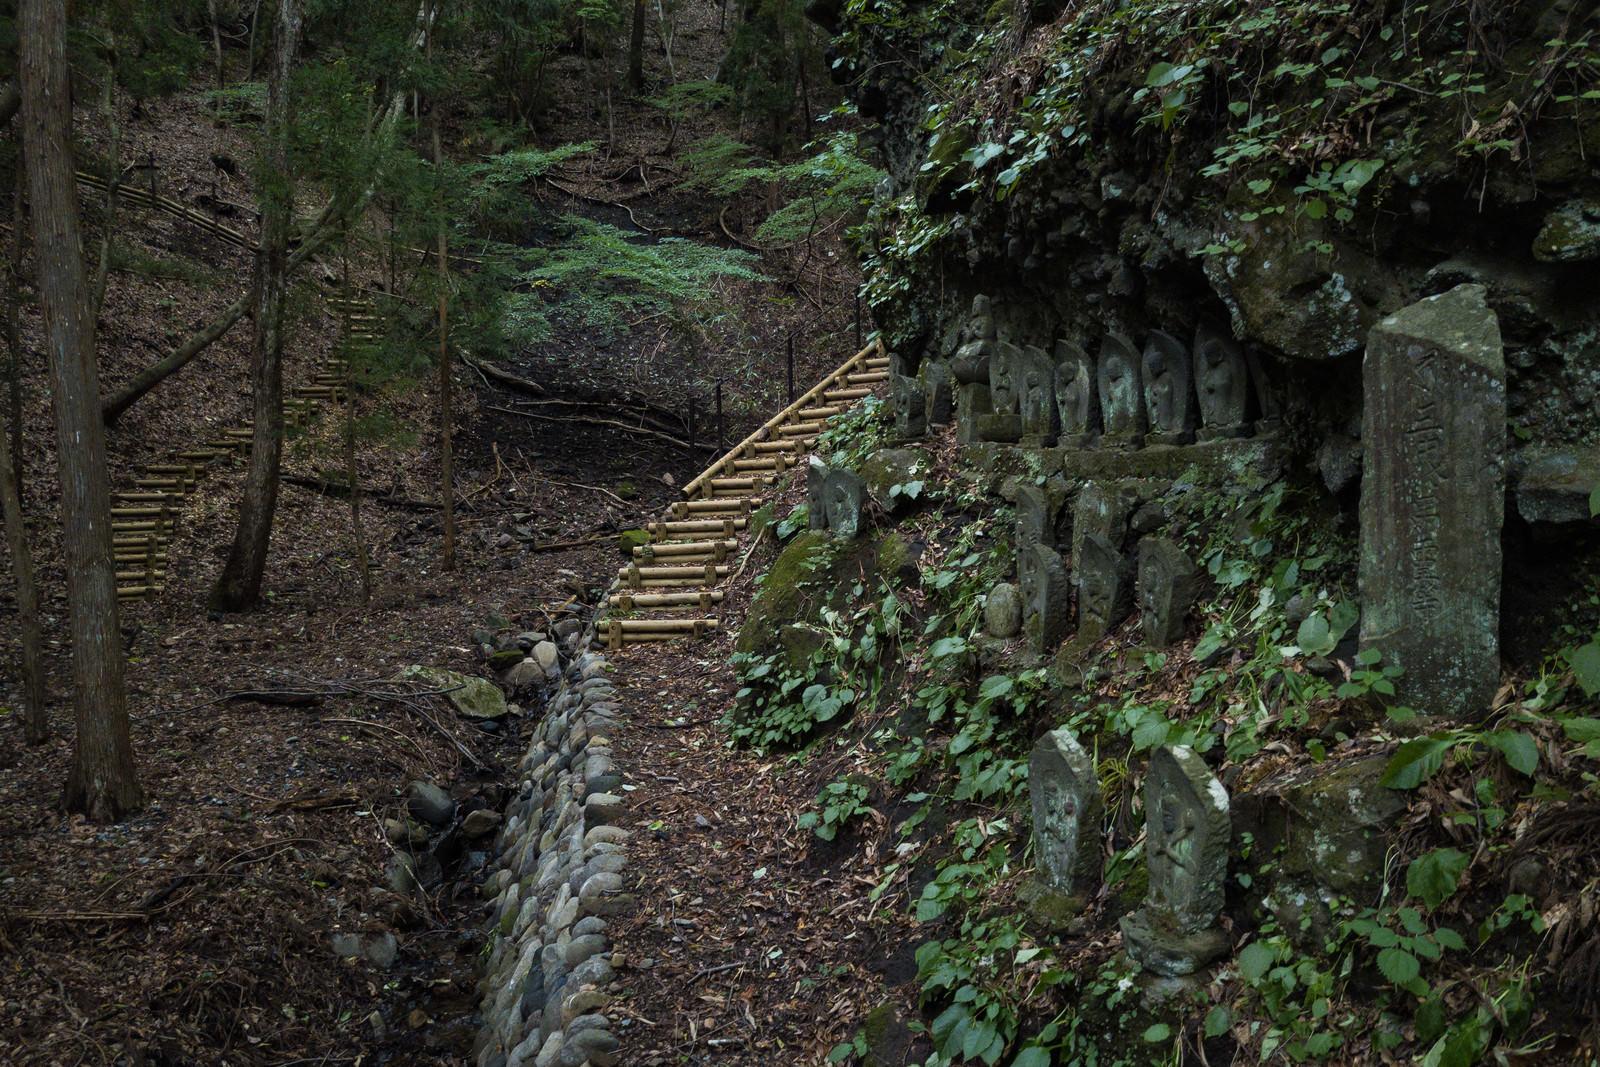 「山間にある滝沢観音石仏群の様子」の写真